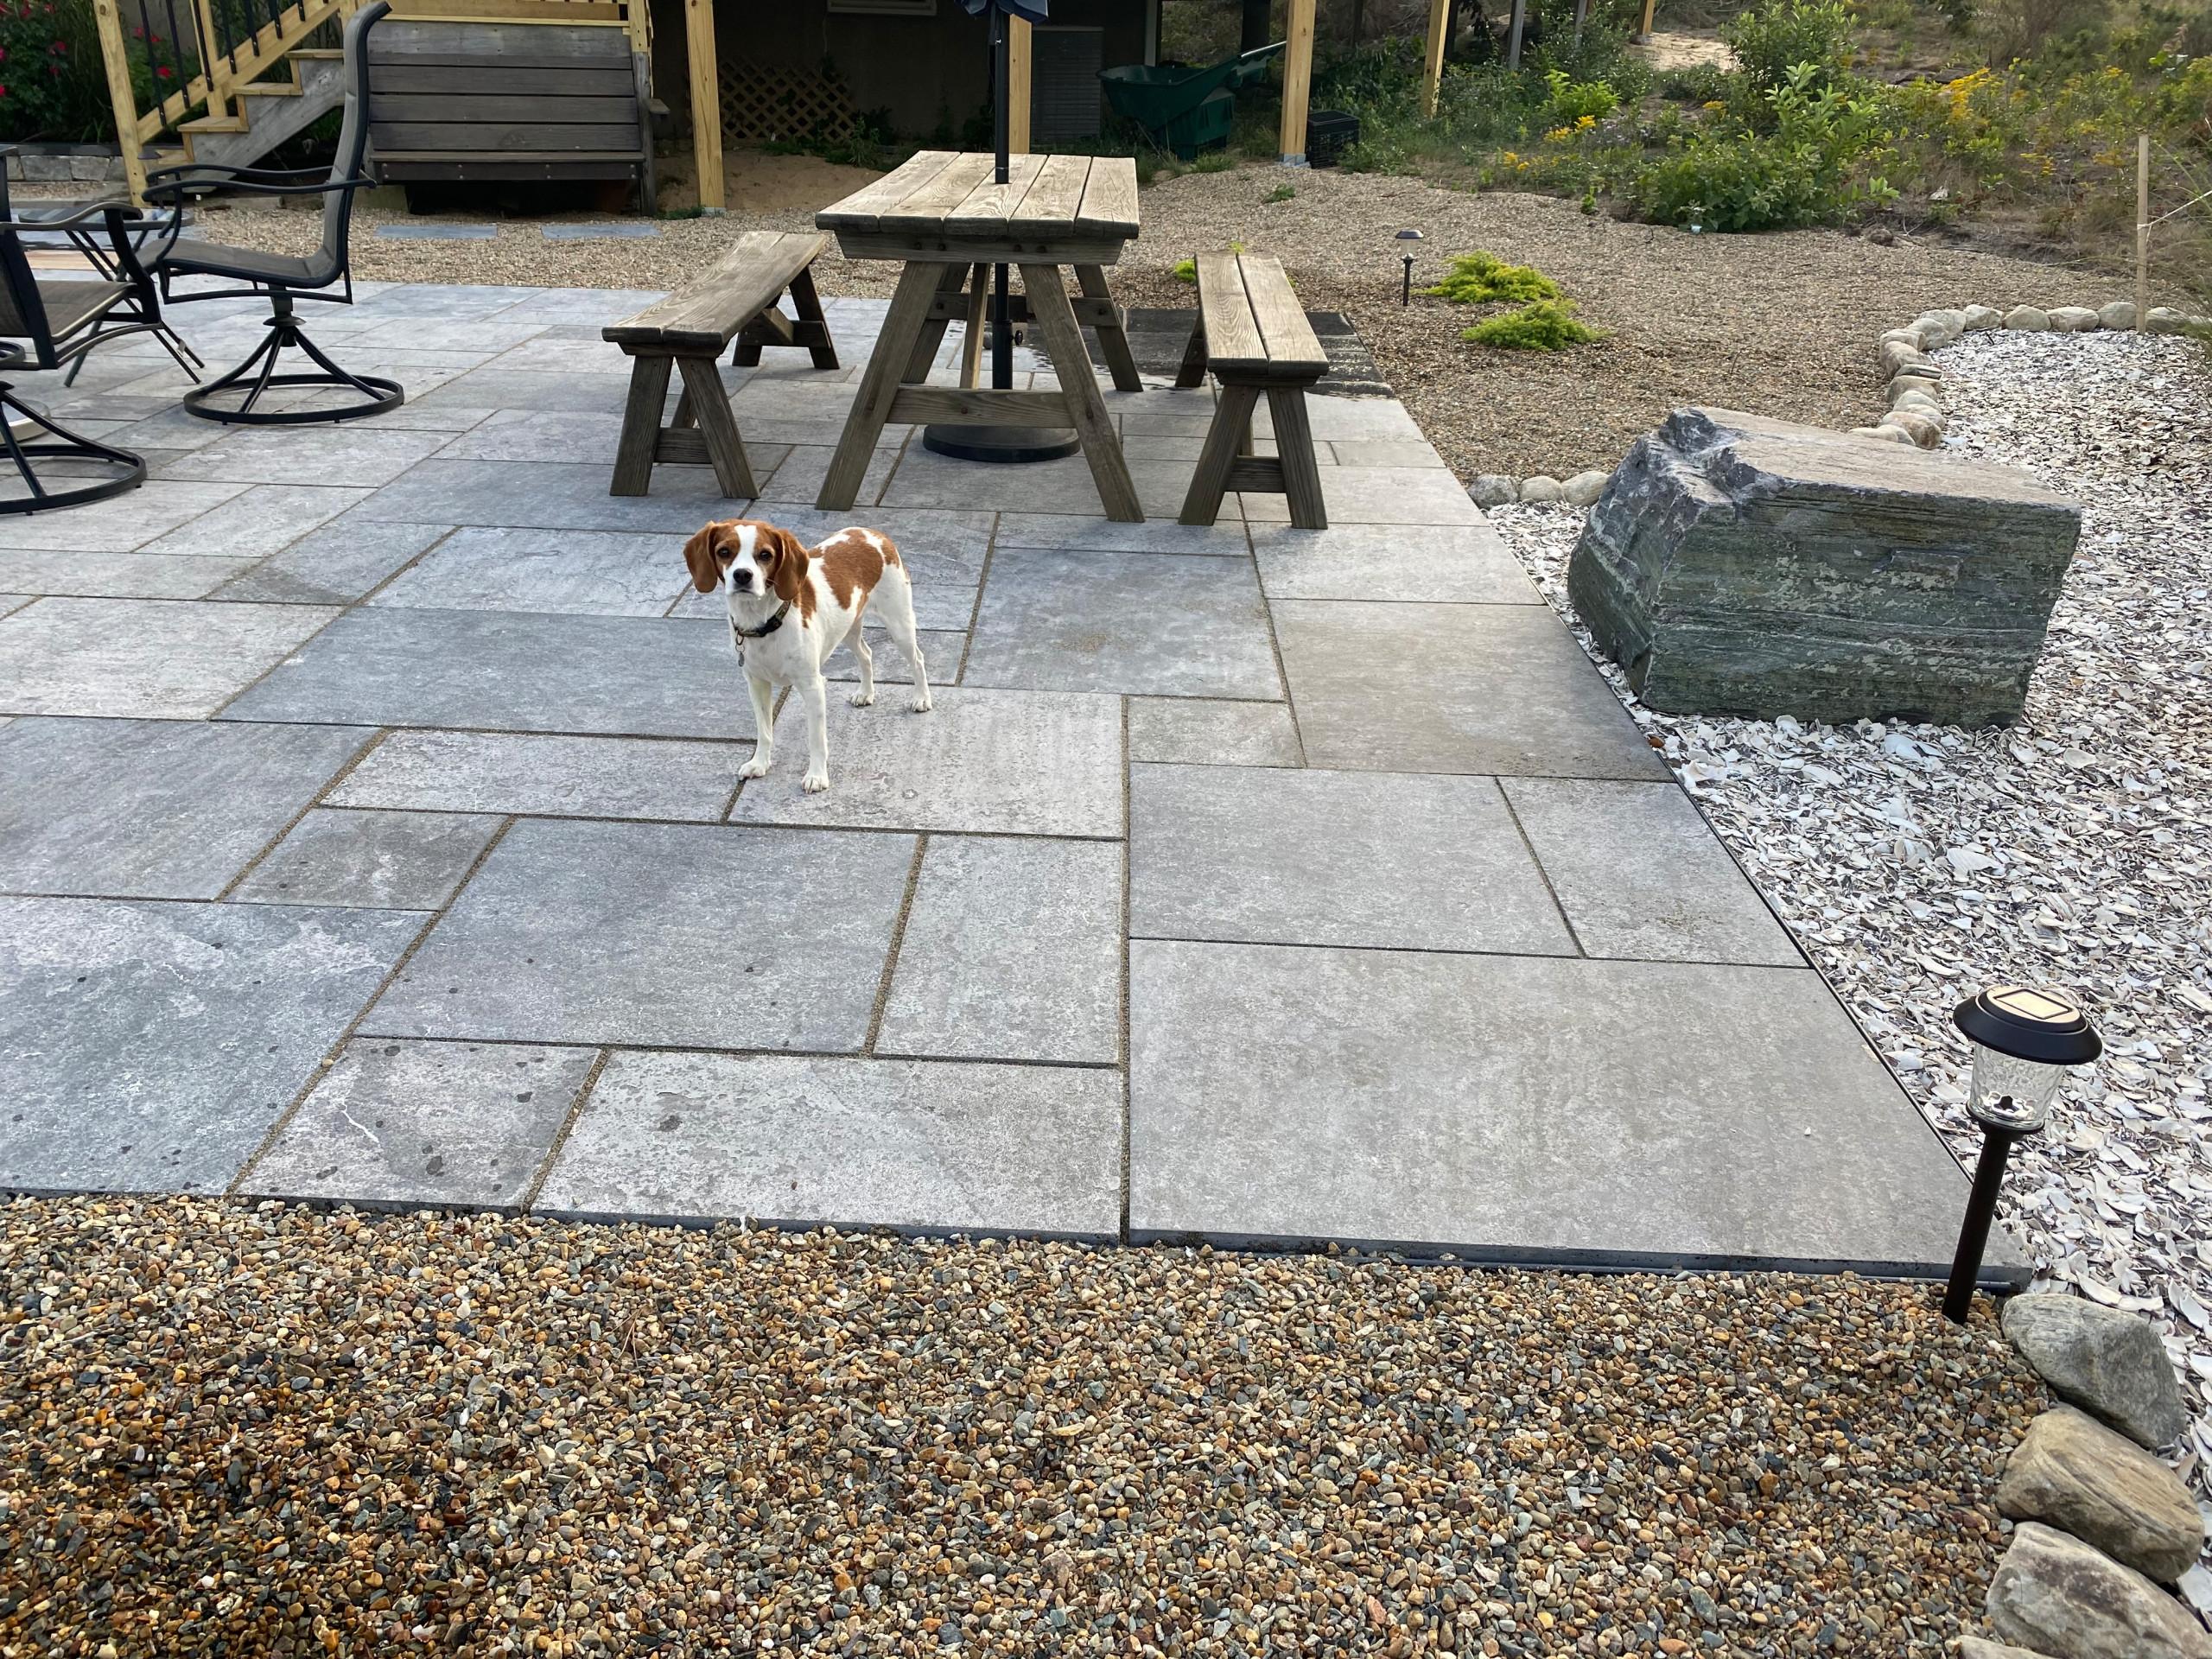 Truro stone patio